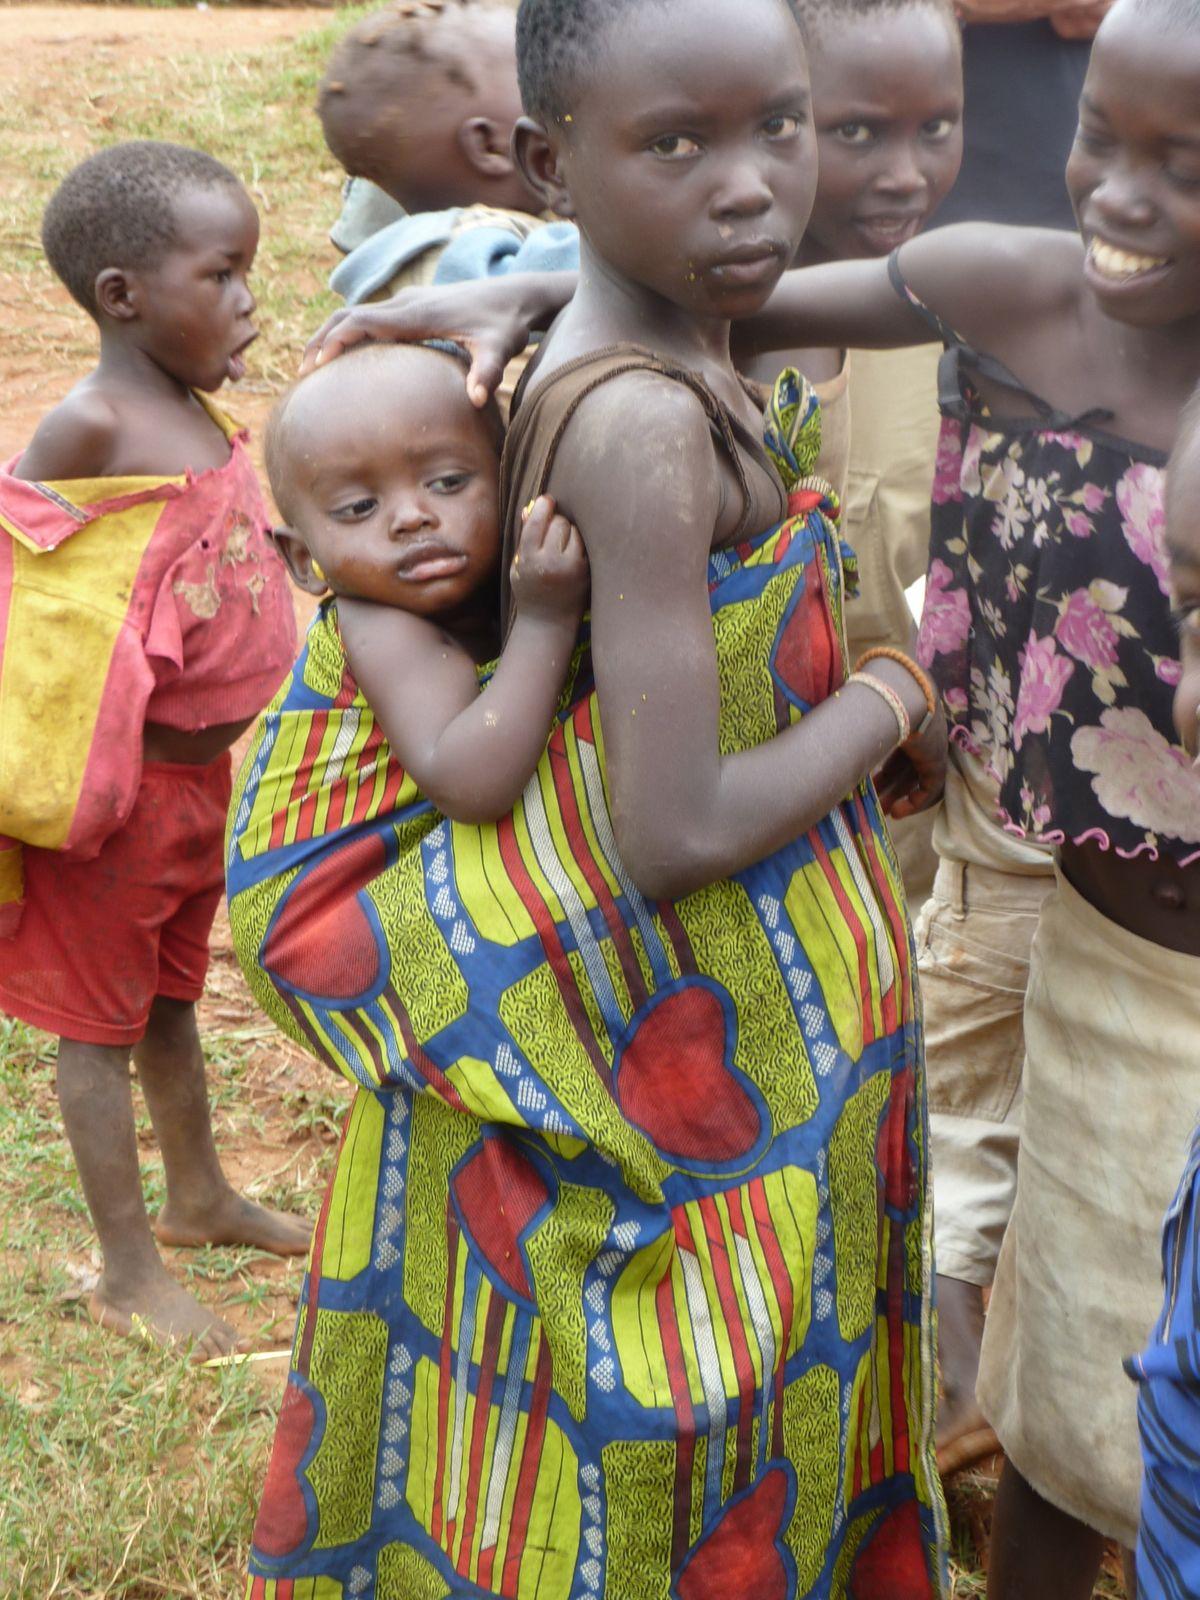 Children raising children